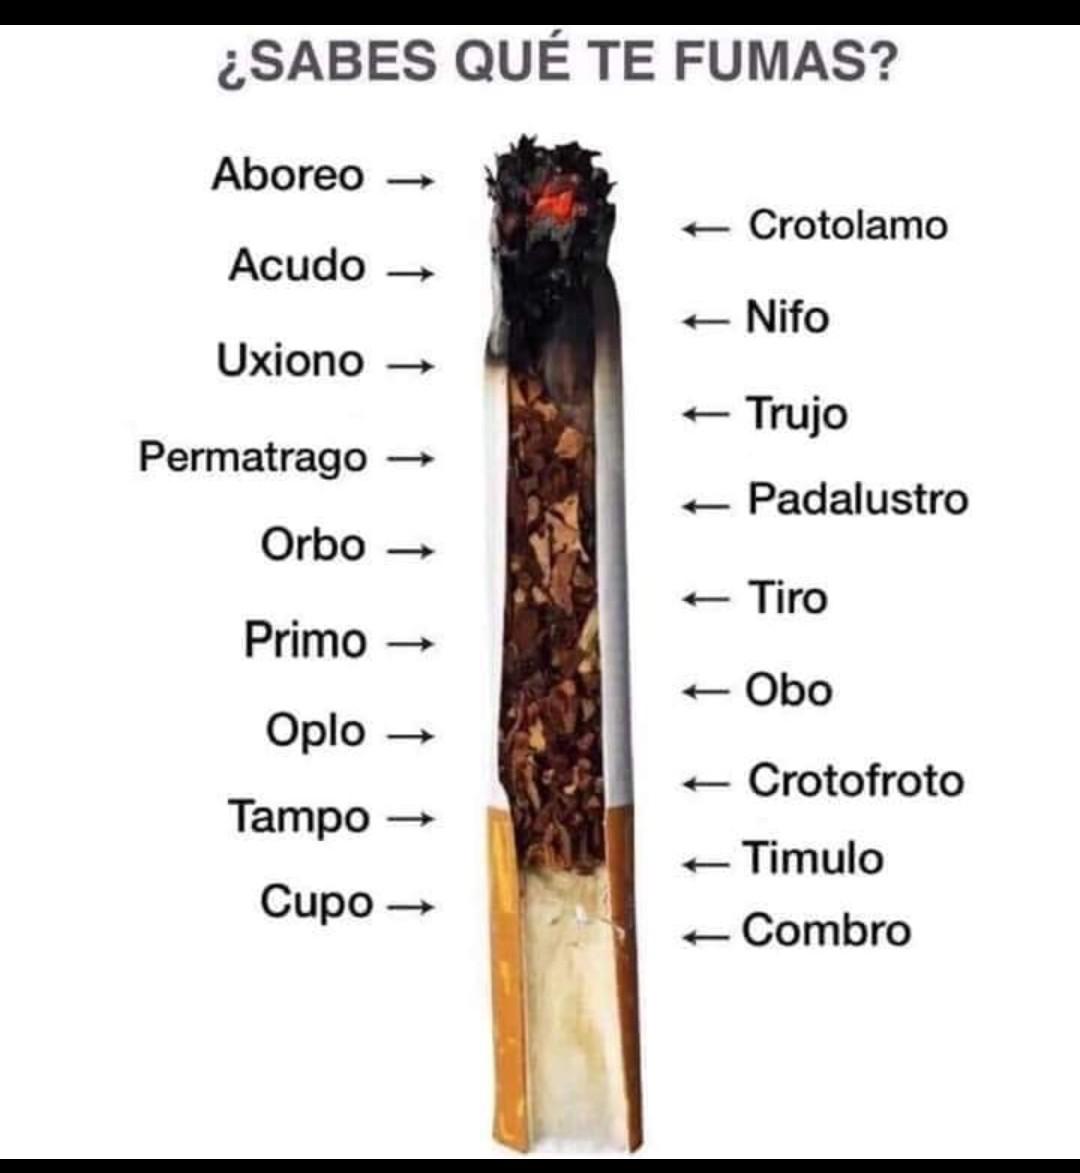 Que es obo? - meme